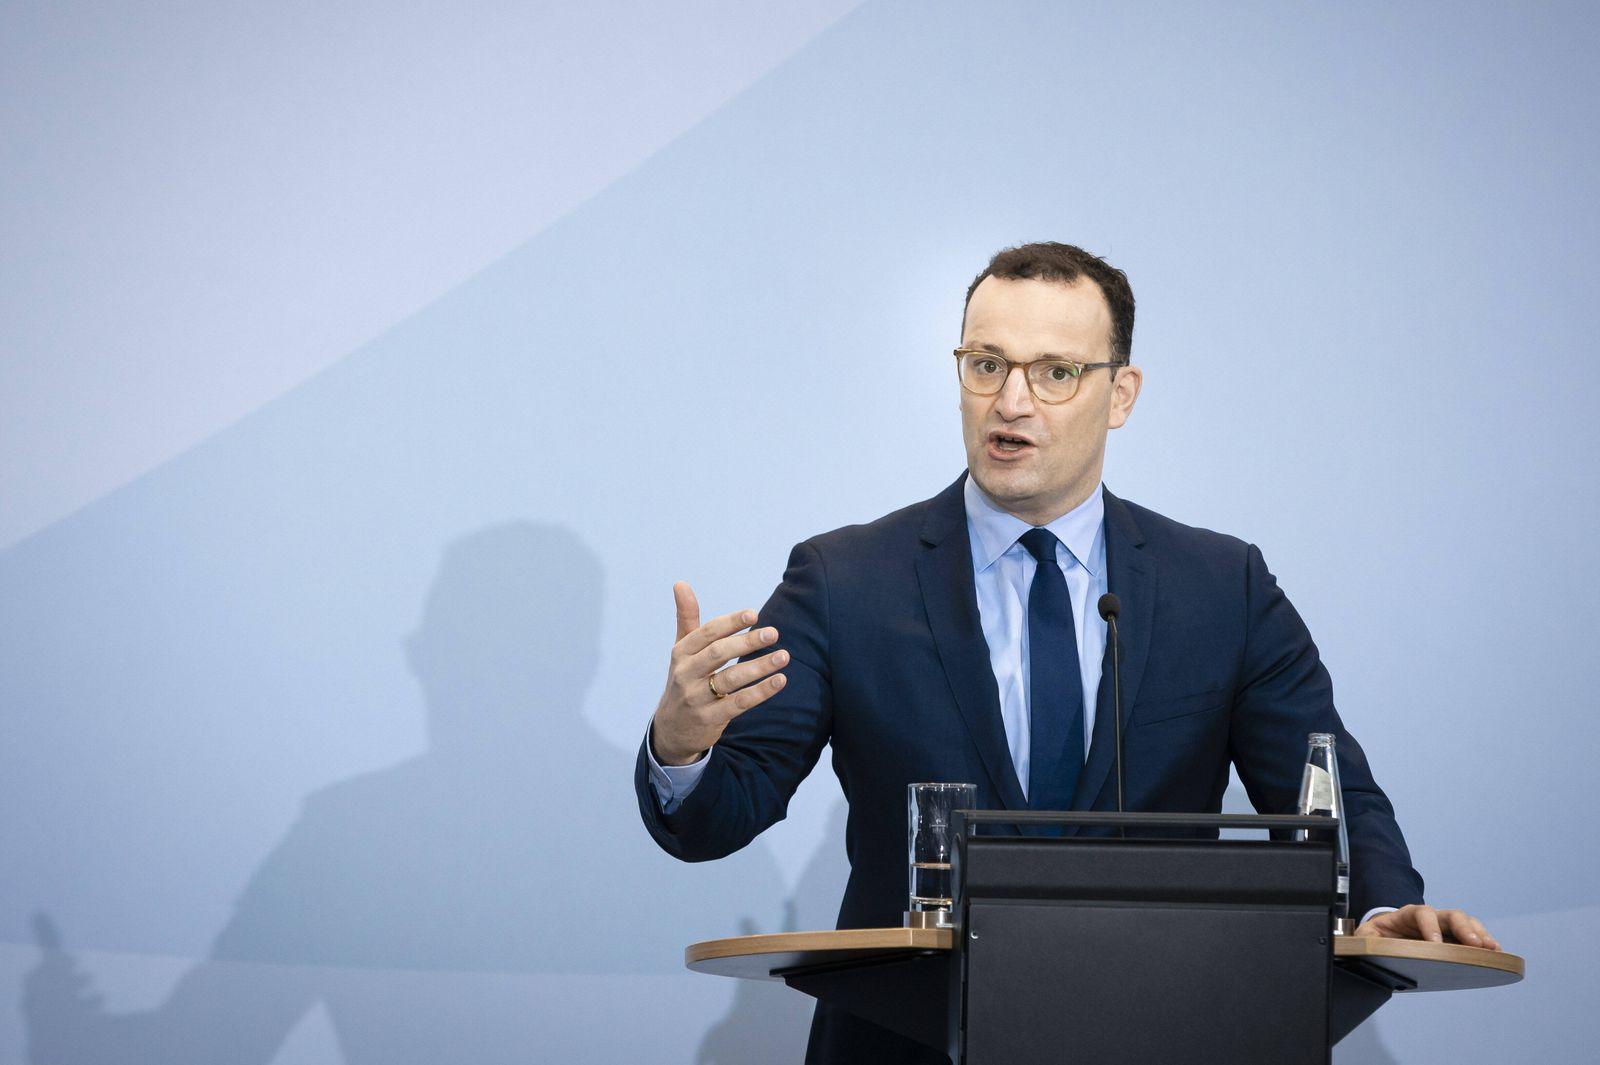 Bundesgesundheitsminister Jens Spahn, CDU, aufgenommen bei einer gemeinsamen Pressekonferenz mit Philipp Justus, Vice P